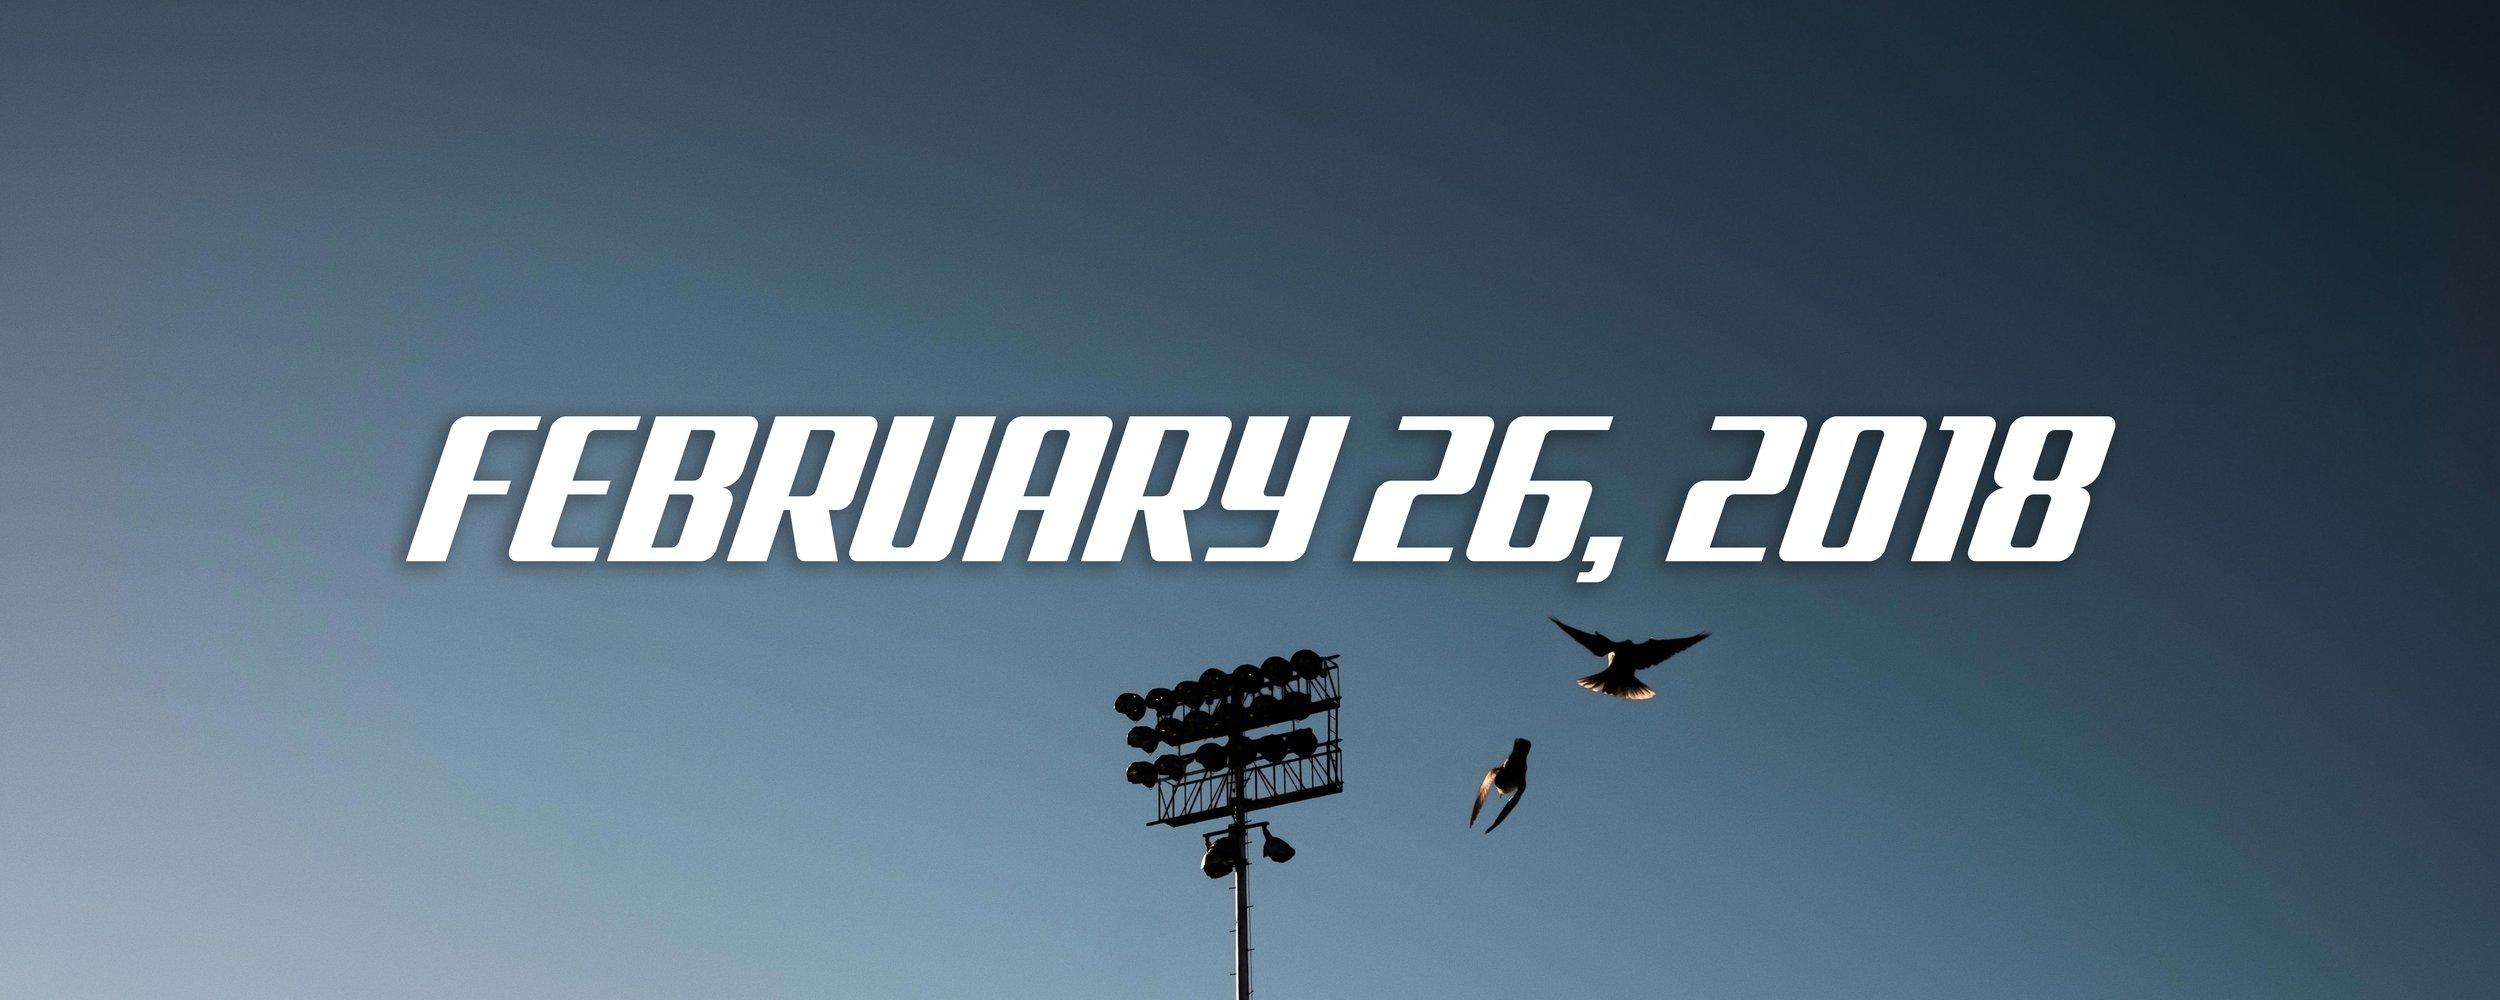 WEEKLY-COVER-02-26-18.jpg